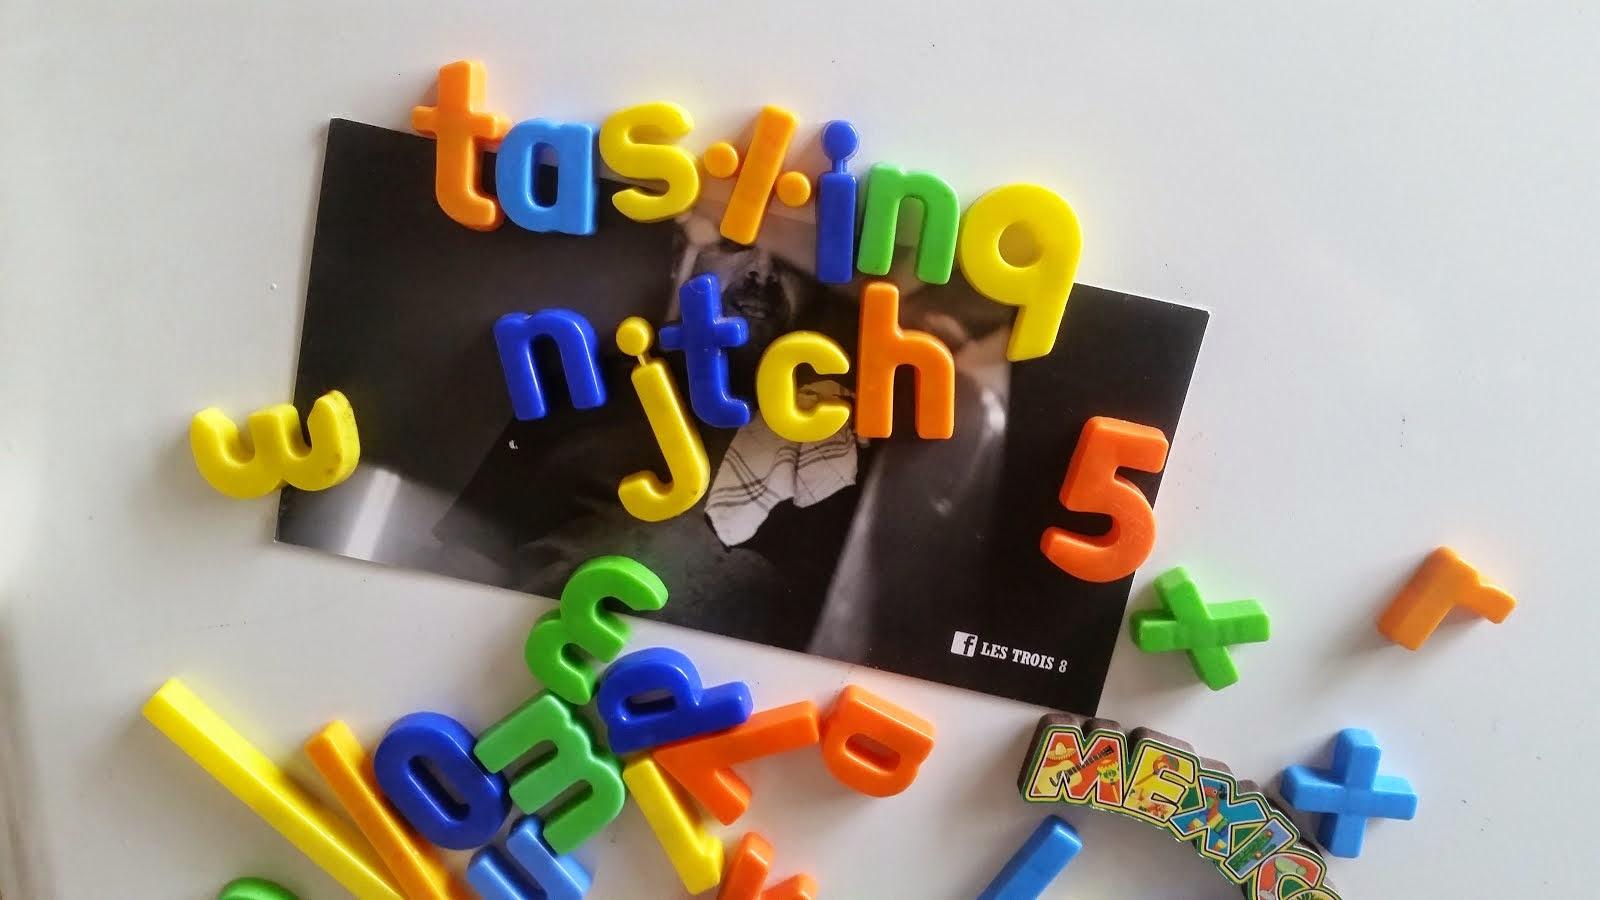 Tasting Nitch